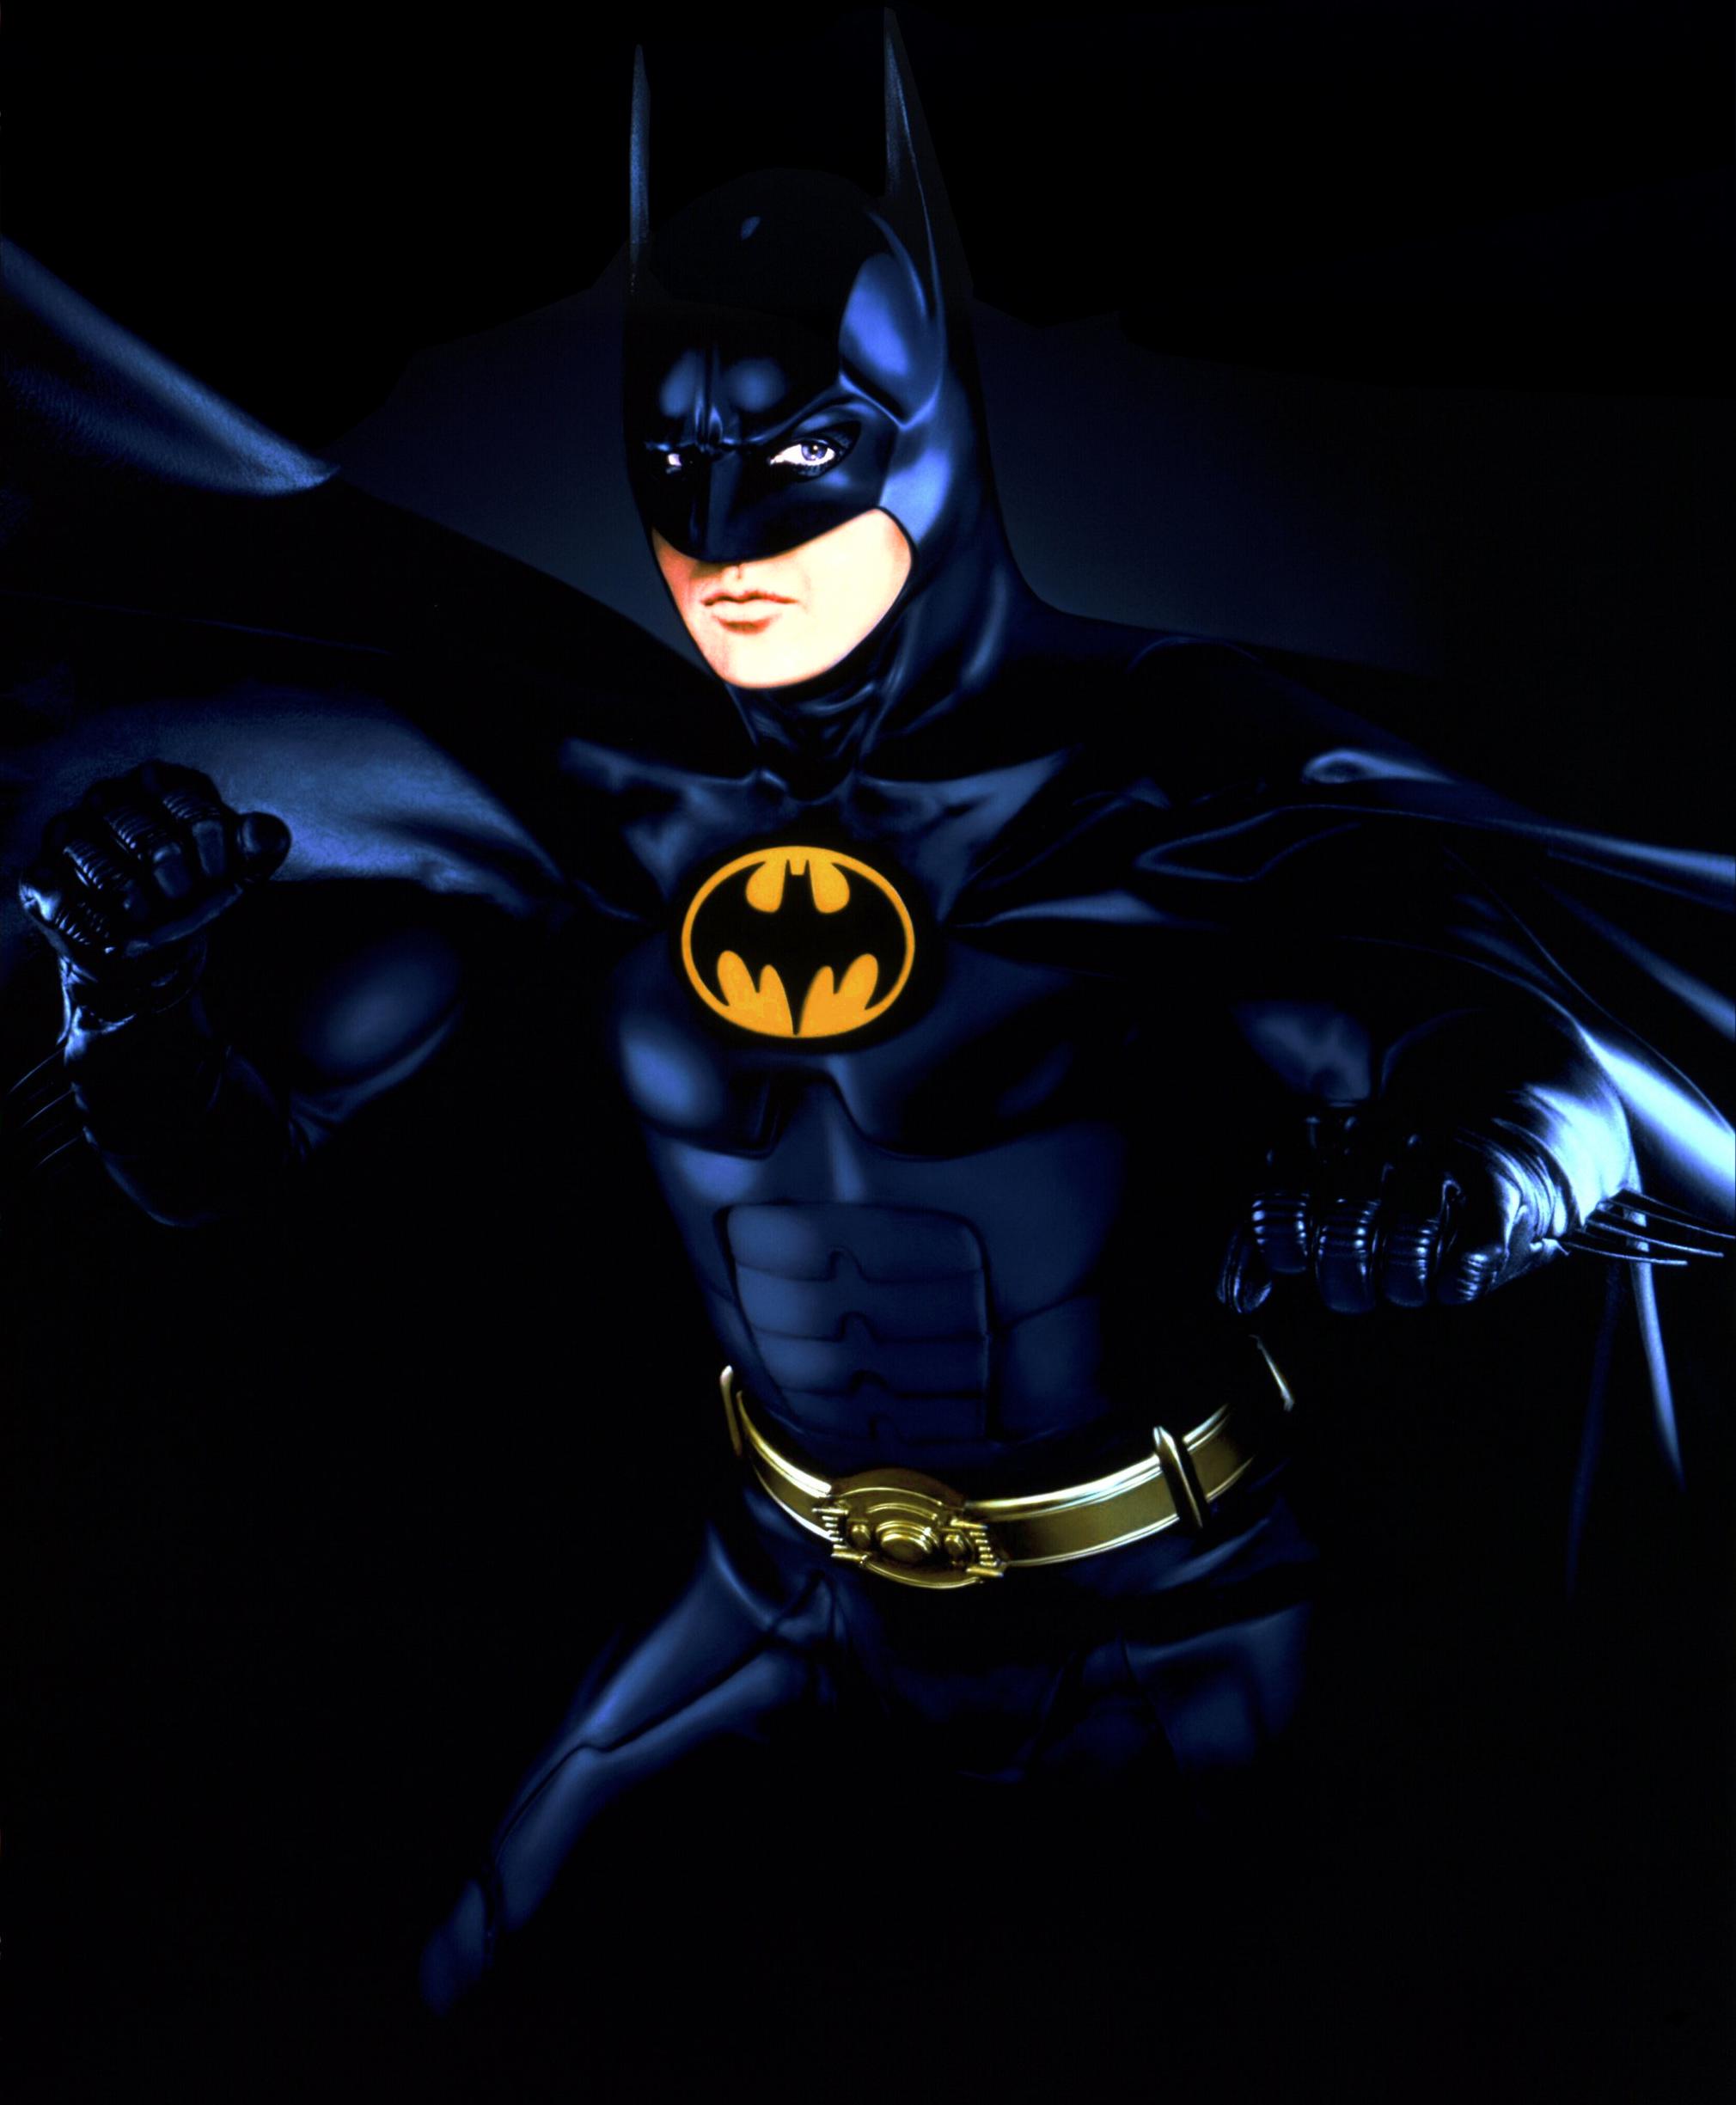 Returns_Batman_Poster_Art.png